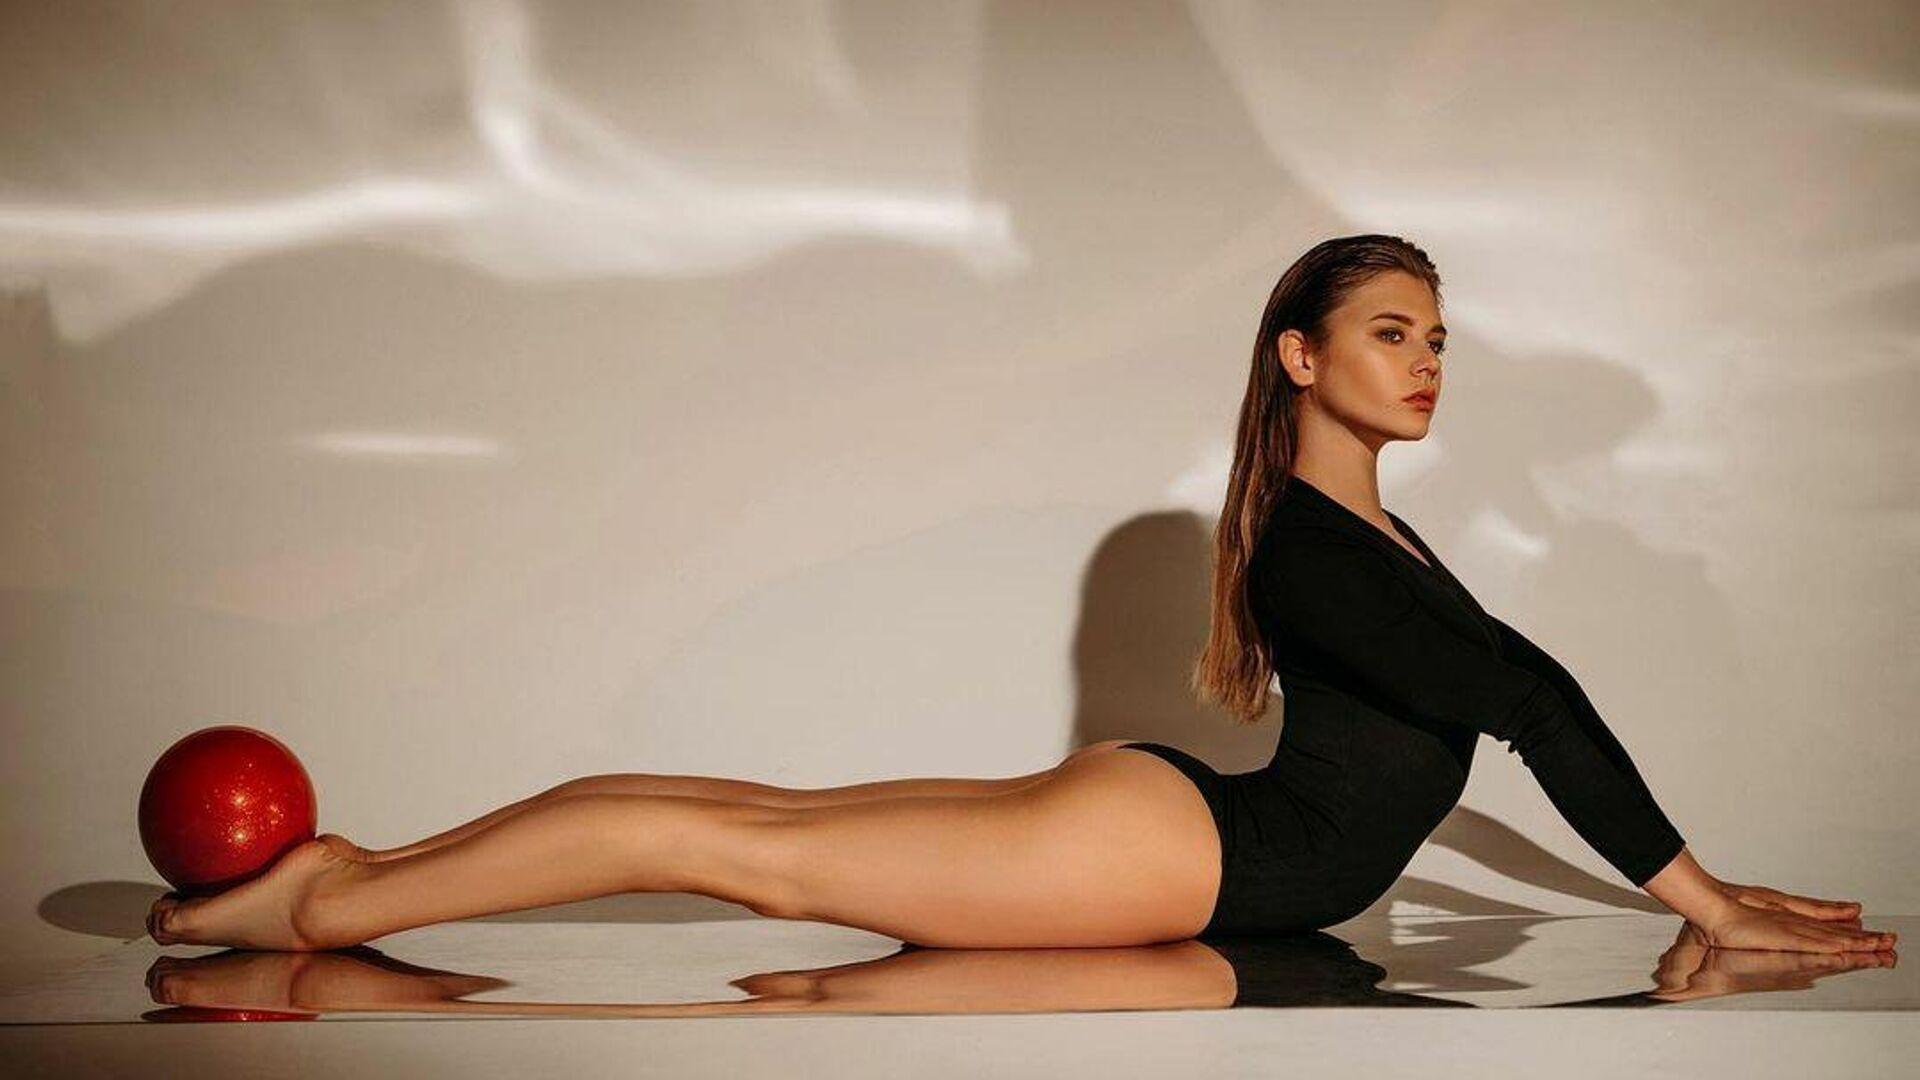 Российская гимнастка Александра Солдатова - РИА Новости, 1920, 27.11.2020